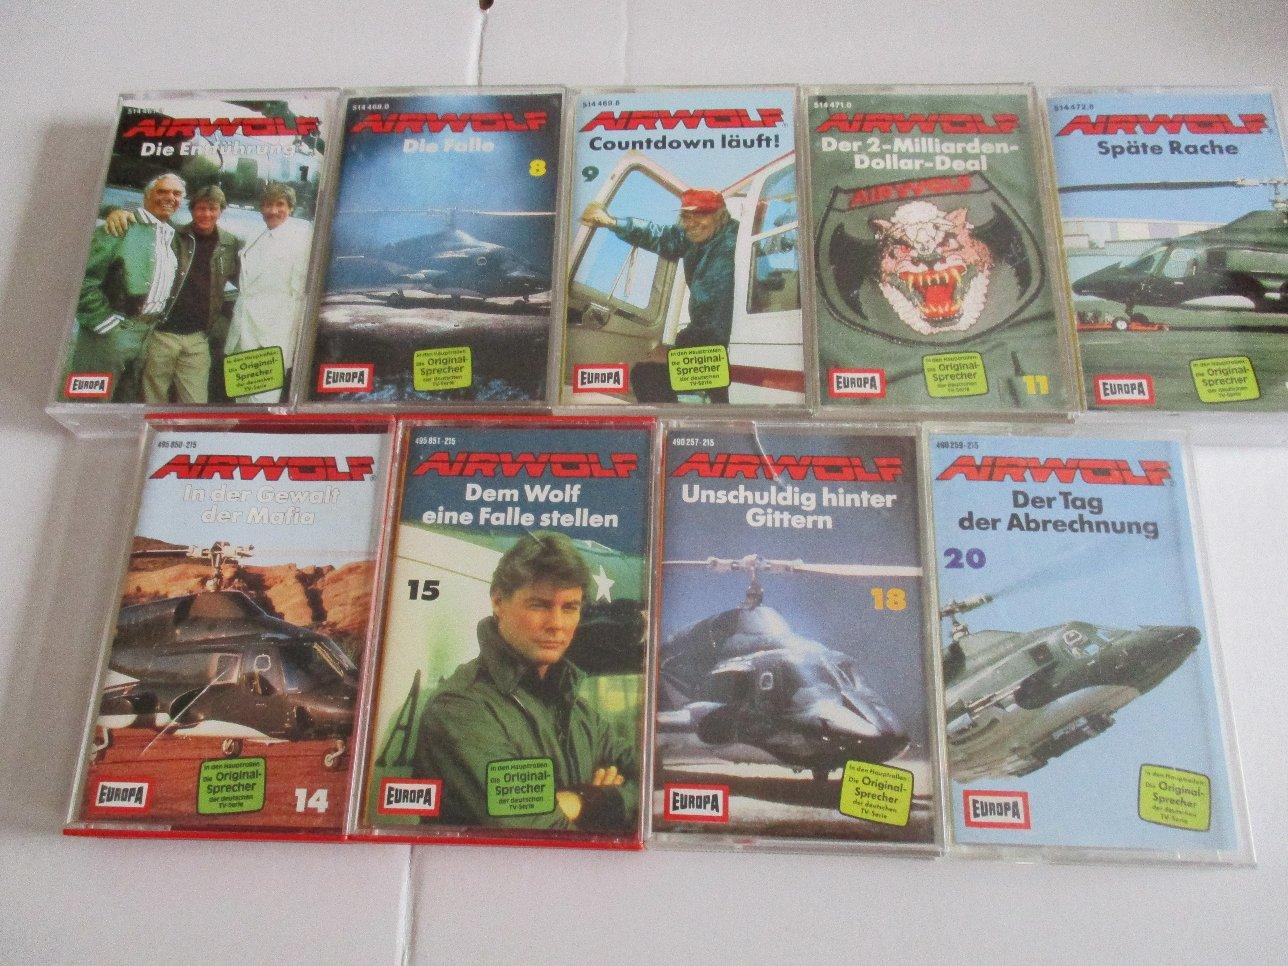 Airwolf Hörspiele Bildquelle: Collectibles-Hamburg.de